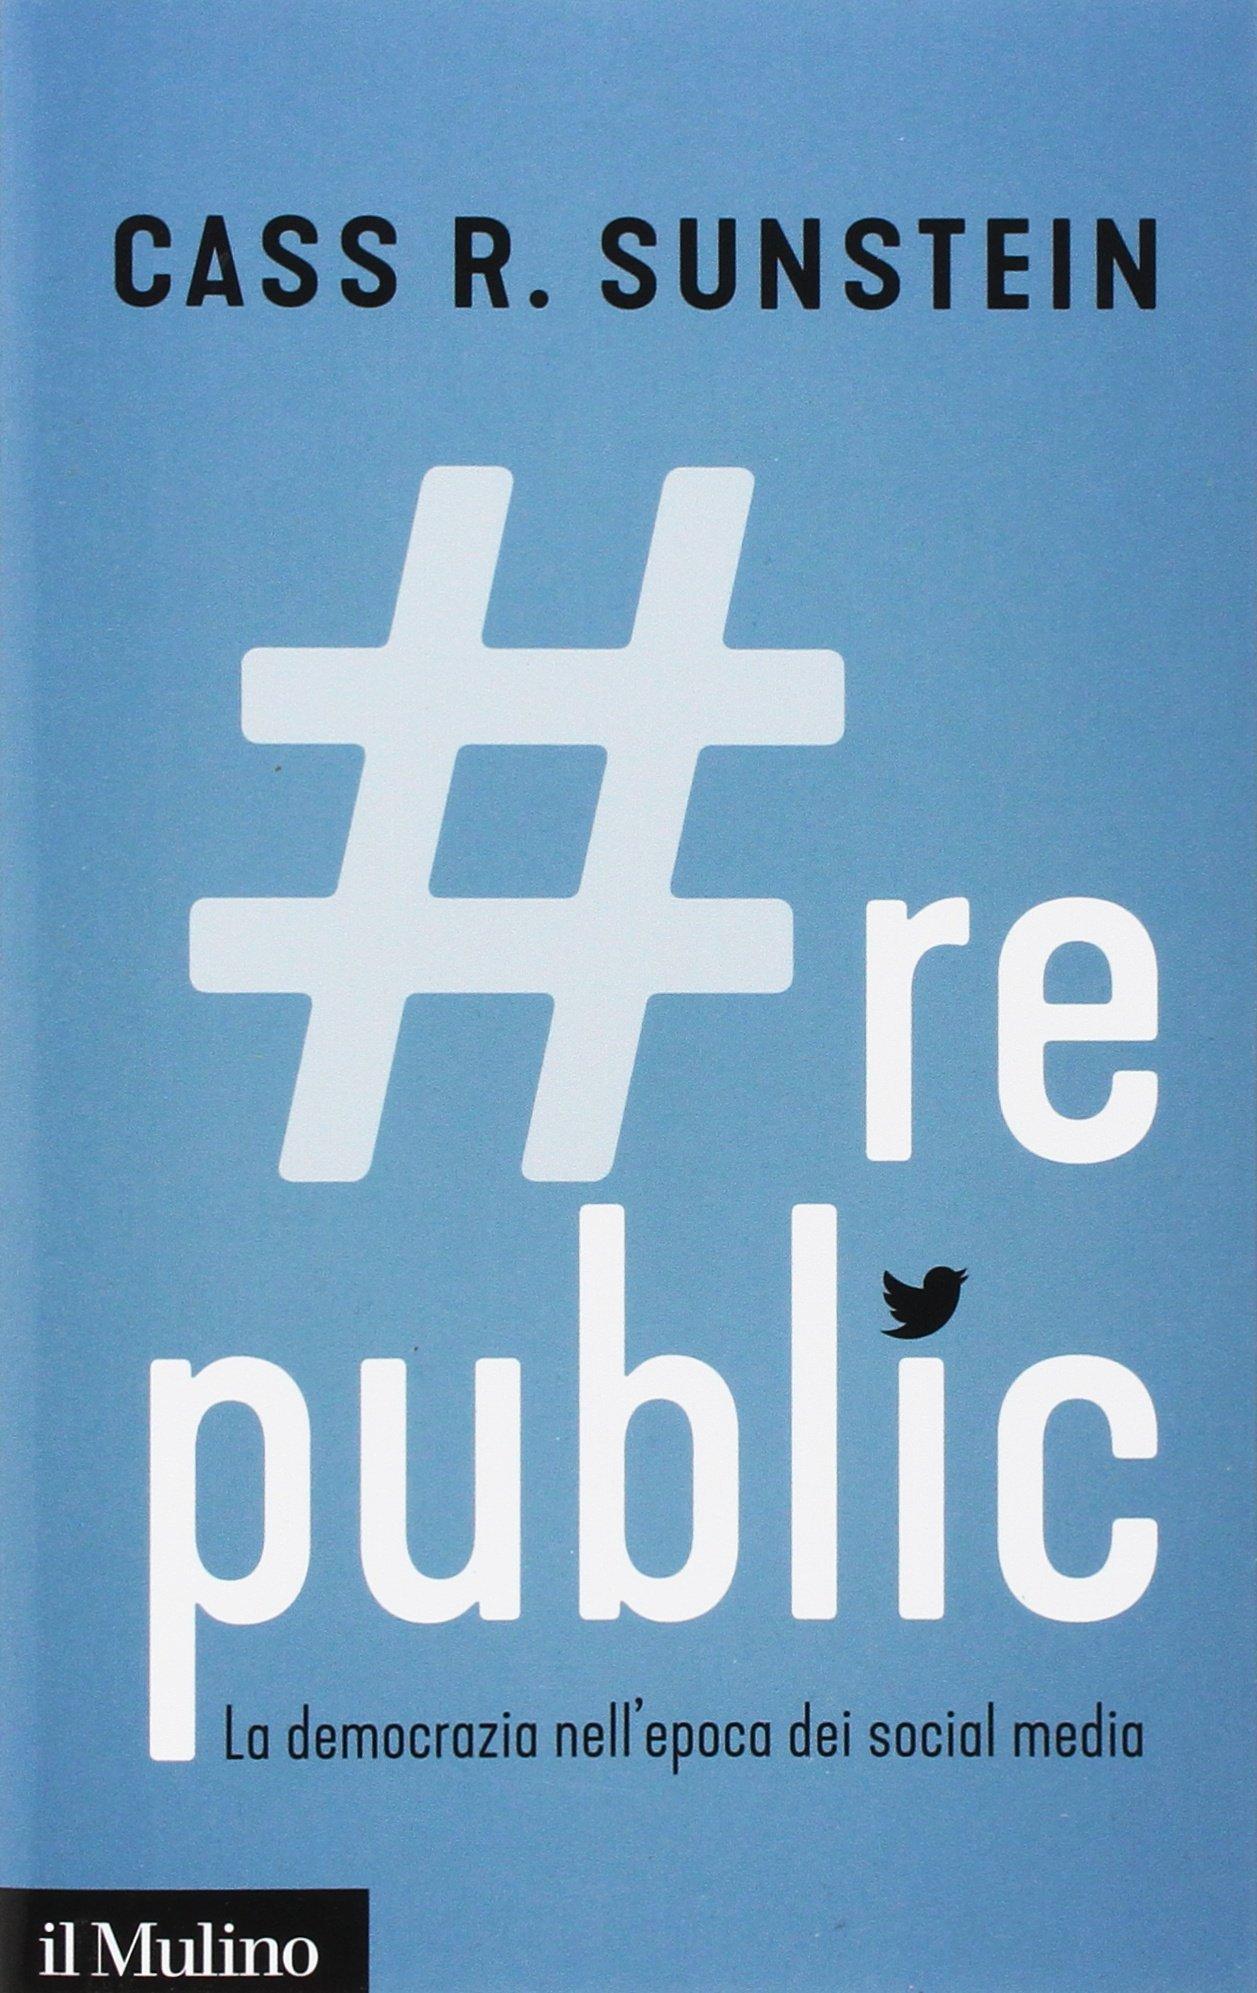 #Republic.com. La democrazia nell'epoca dei social media Copertina flessibile – 26 ott 2017 Cass R. Sunstein A. Asioli Il Mulino 8815273778